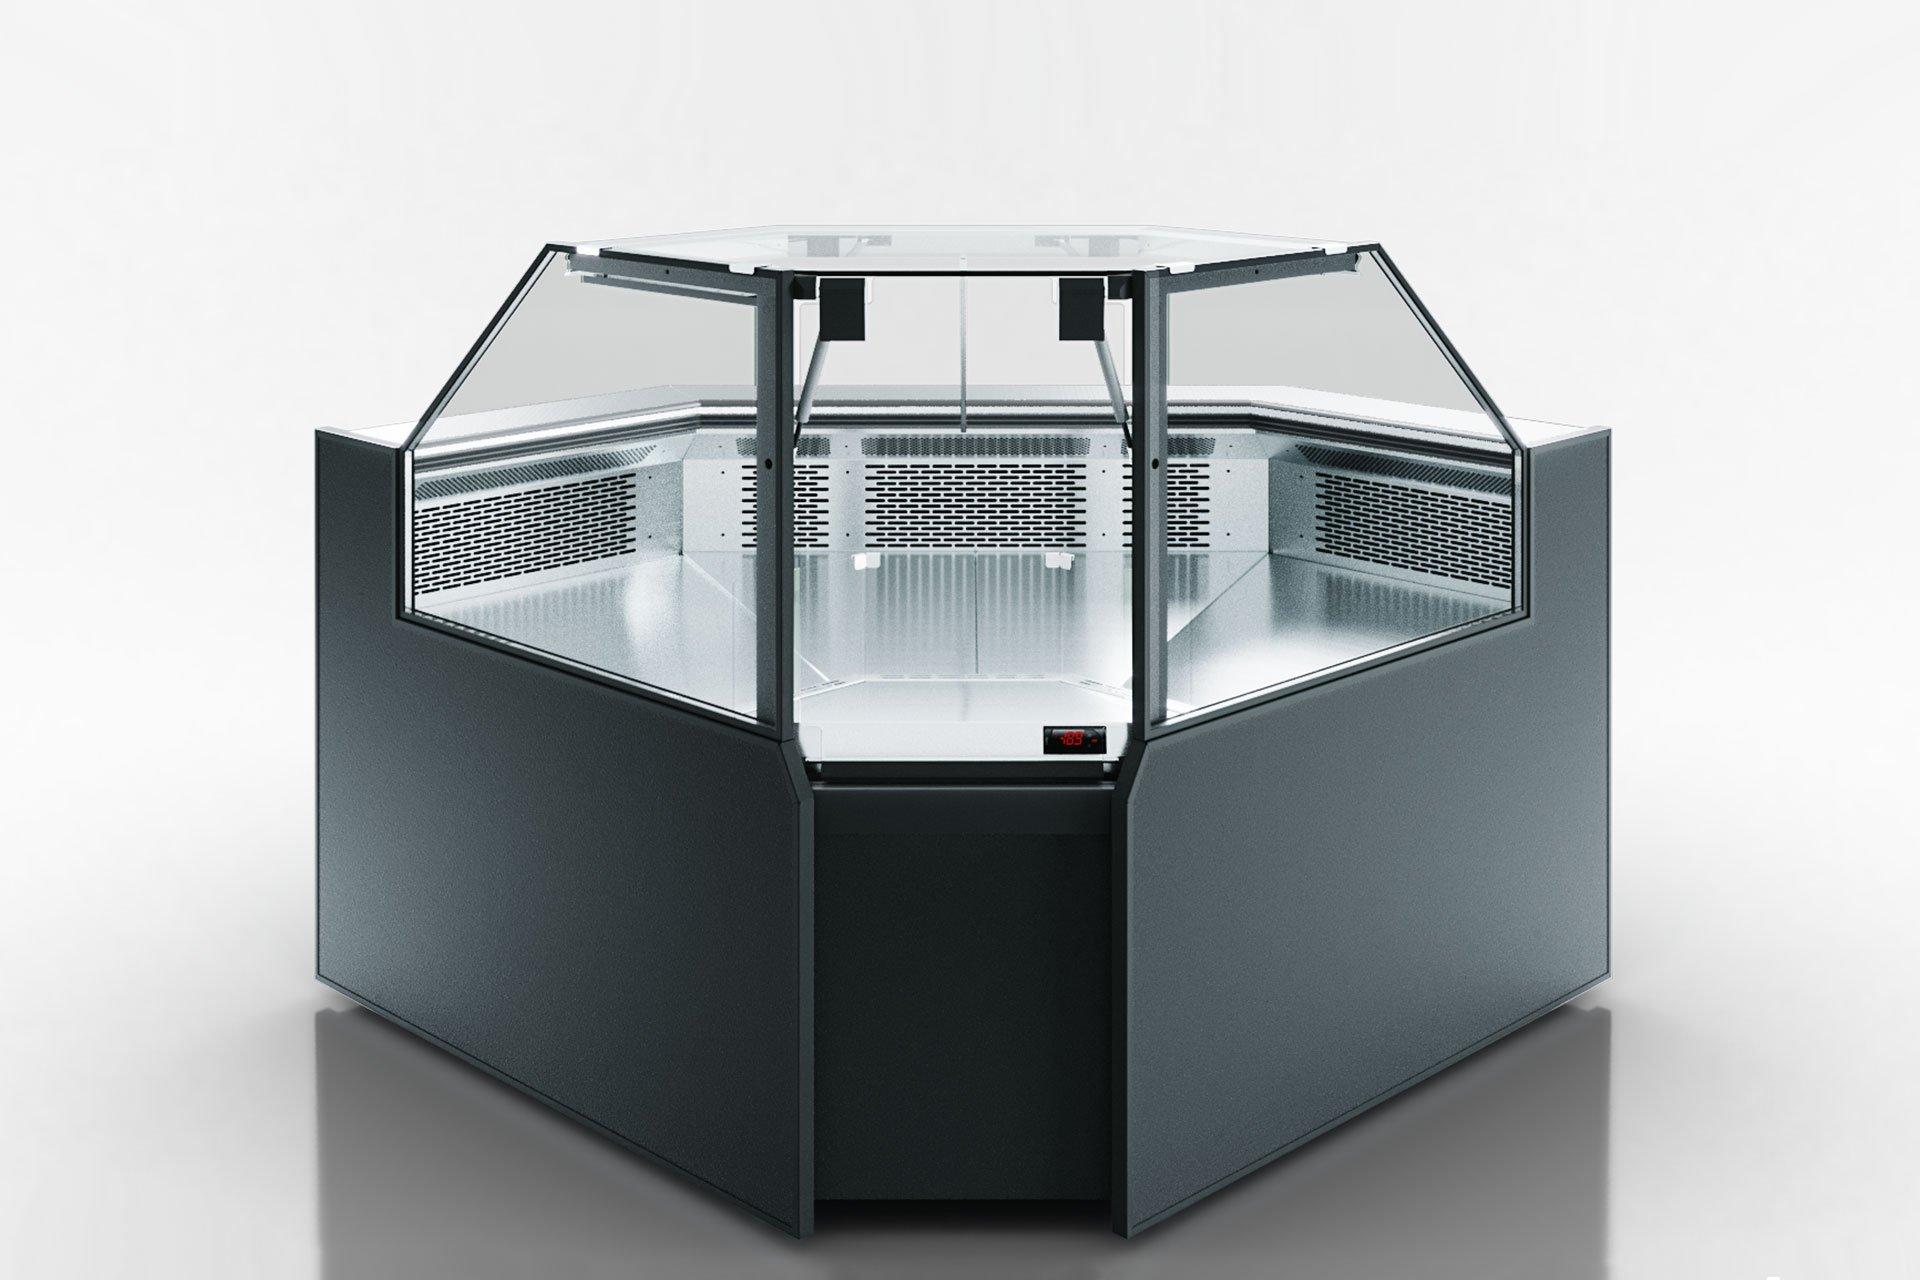 Холодильная витрина Missouri АC 120 deli PS 130-DBА-IS90